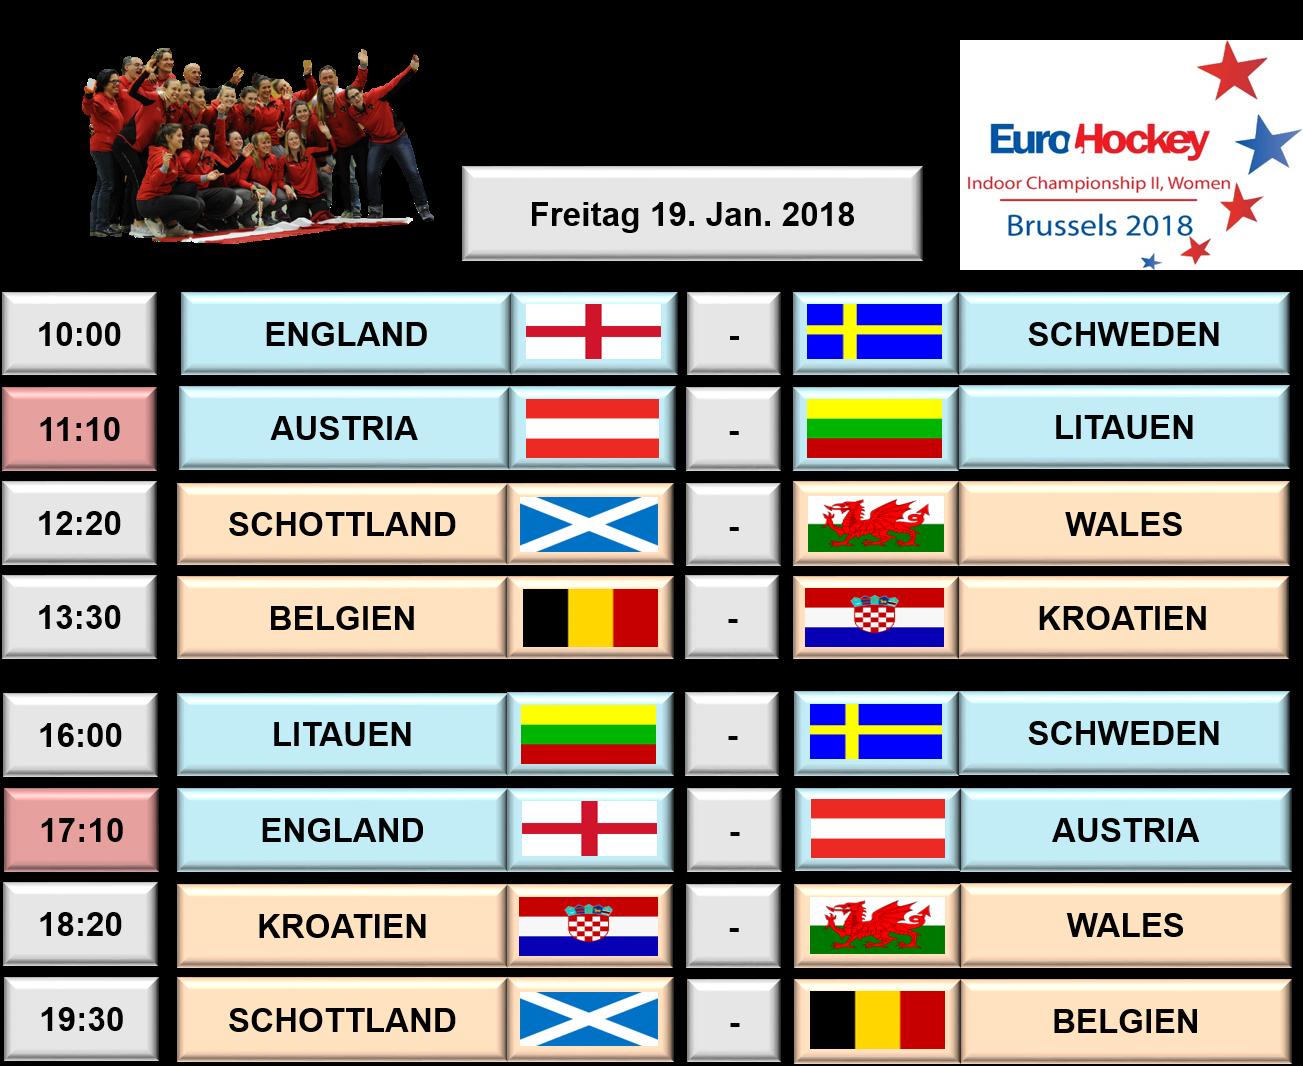 files/oehv/Bilder/2017/Euro 2018 Bruessel/Bruessel schedule2.png